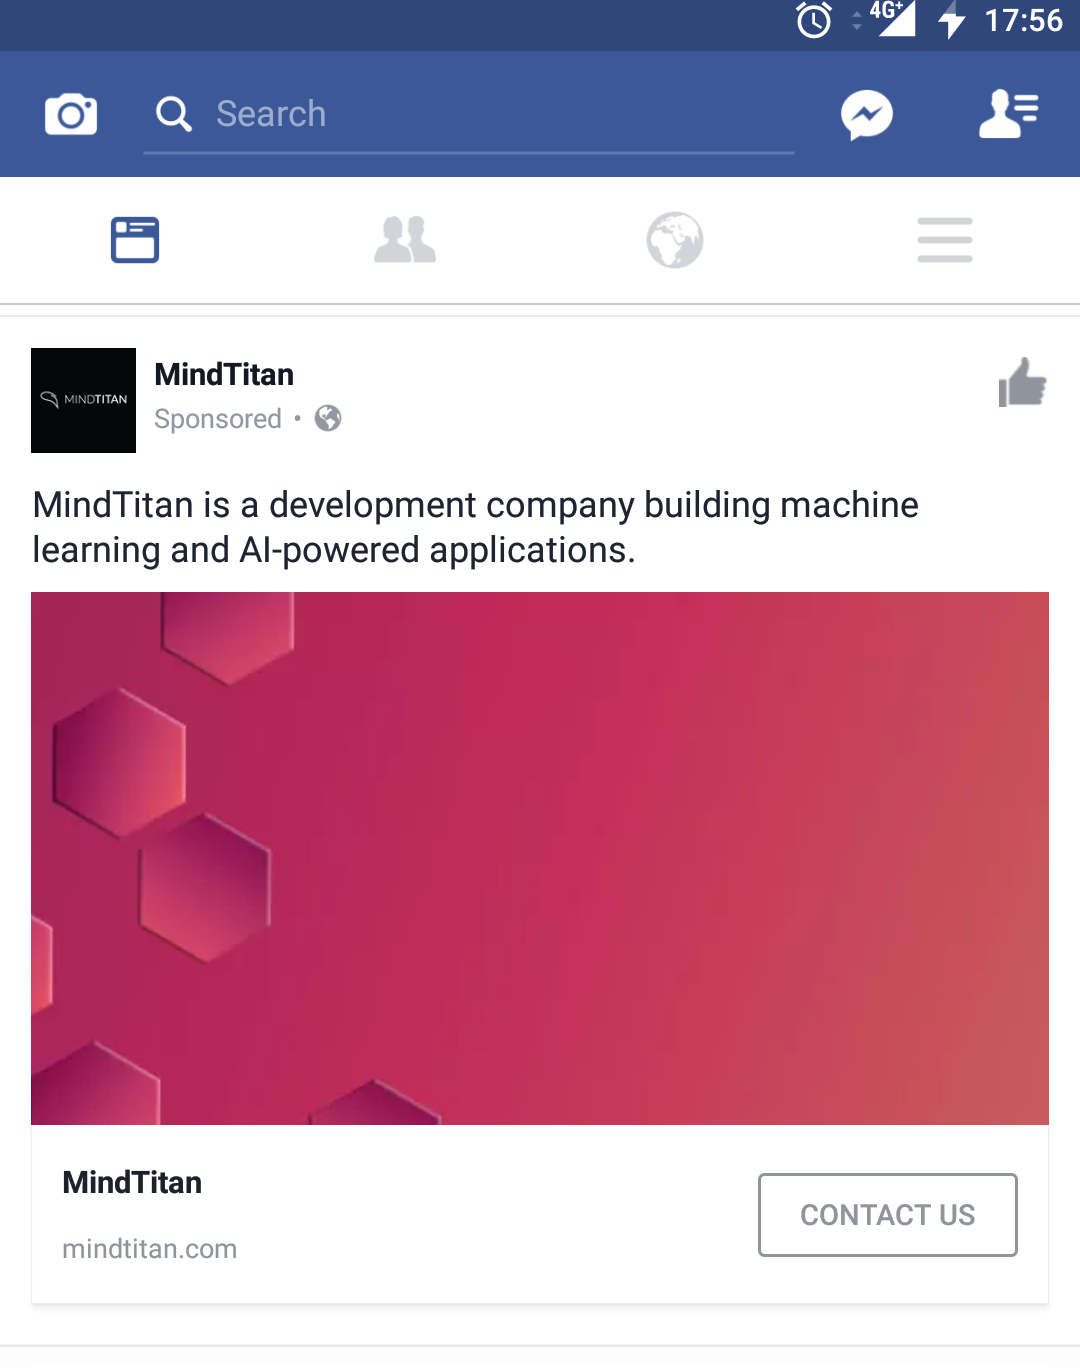 MindTitan's Facebook ad is focused on brand awareness.